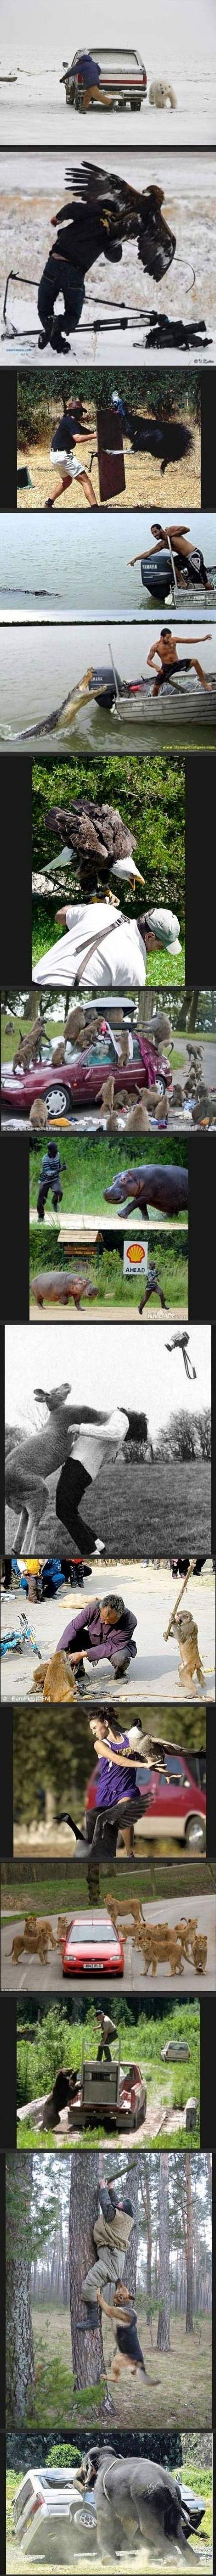 Mean Animals. . Mean Animals